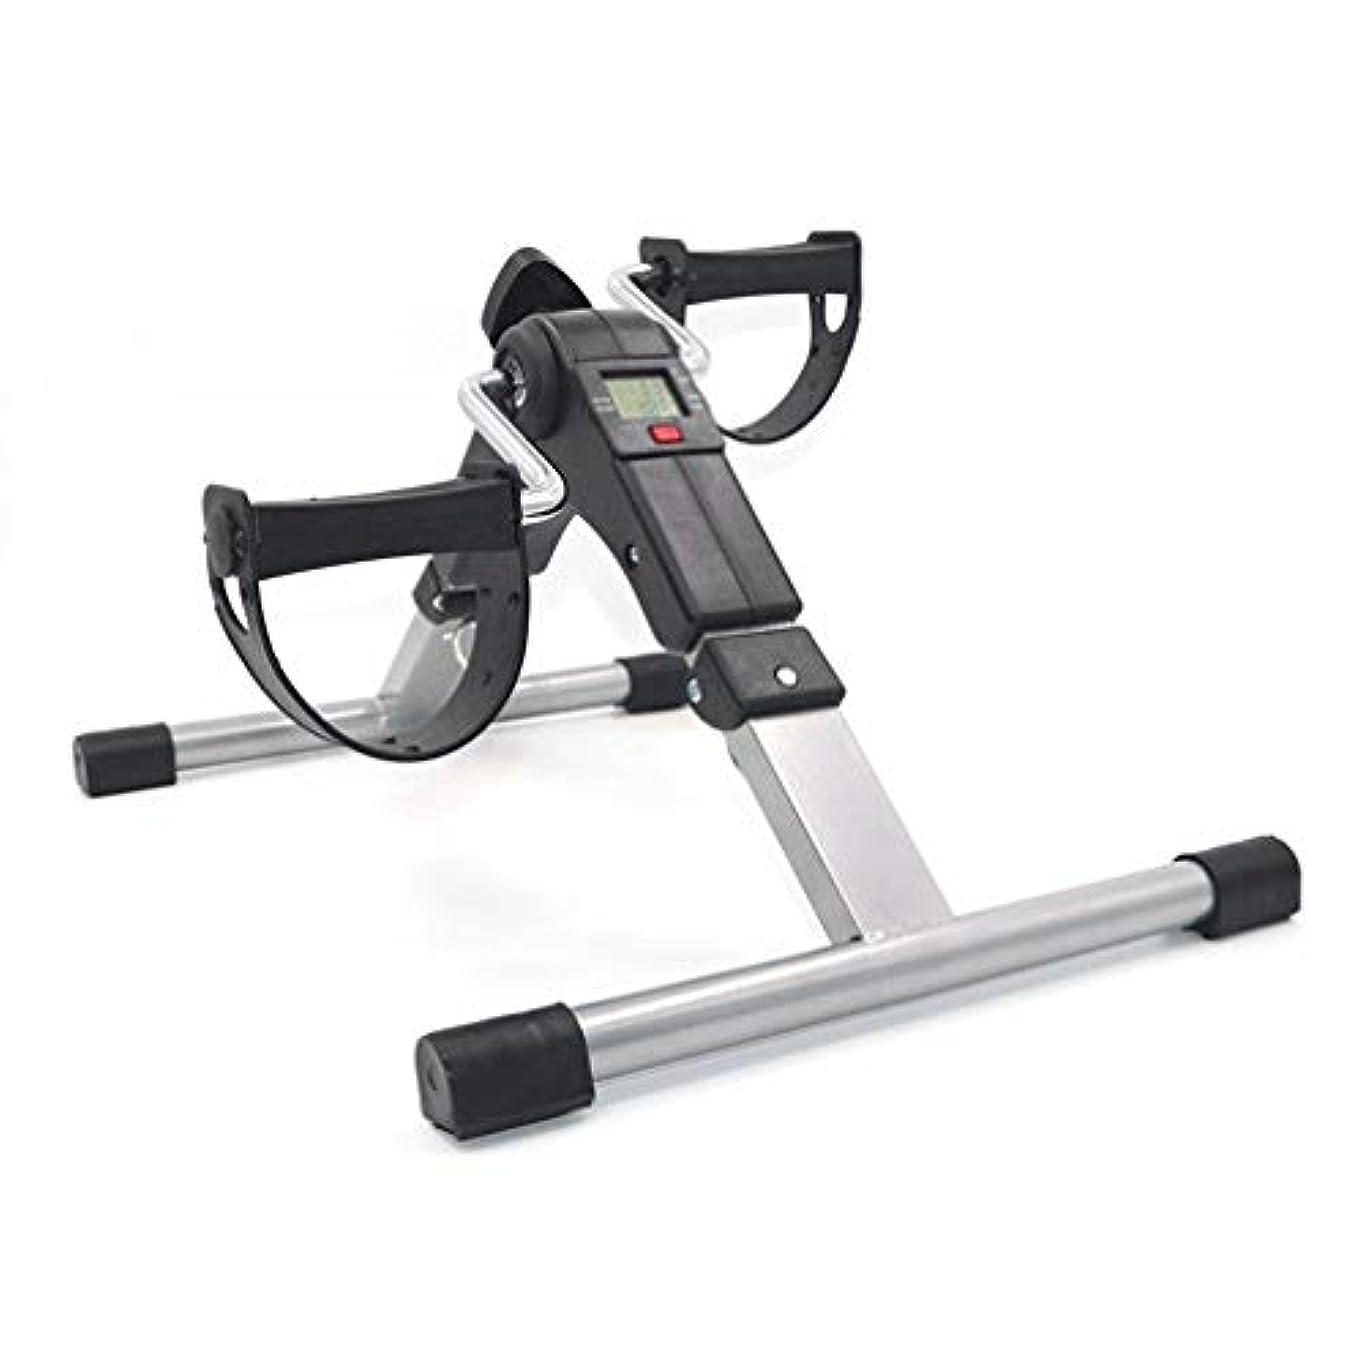 異常な良心的かみそり実用的なトレーナー自転車脚エクササイザーストローク片麻痺リハビリテーションペダル-Rustle666